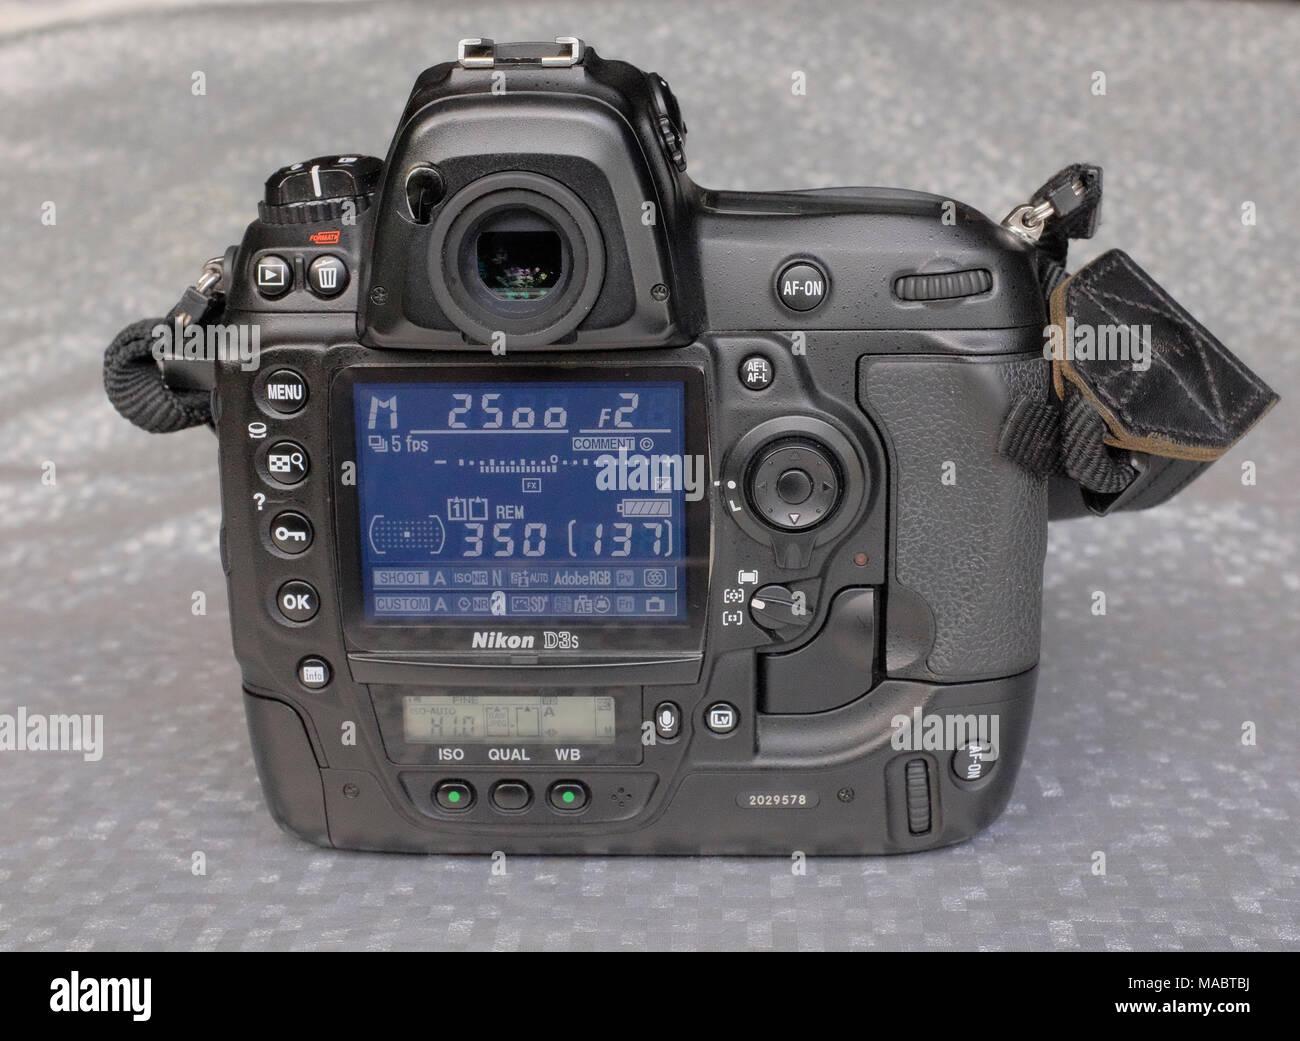 D3s Stock Photos & D3s Stock Images - Alamy